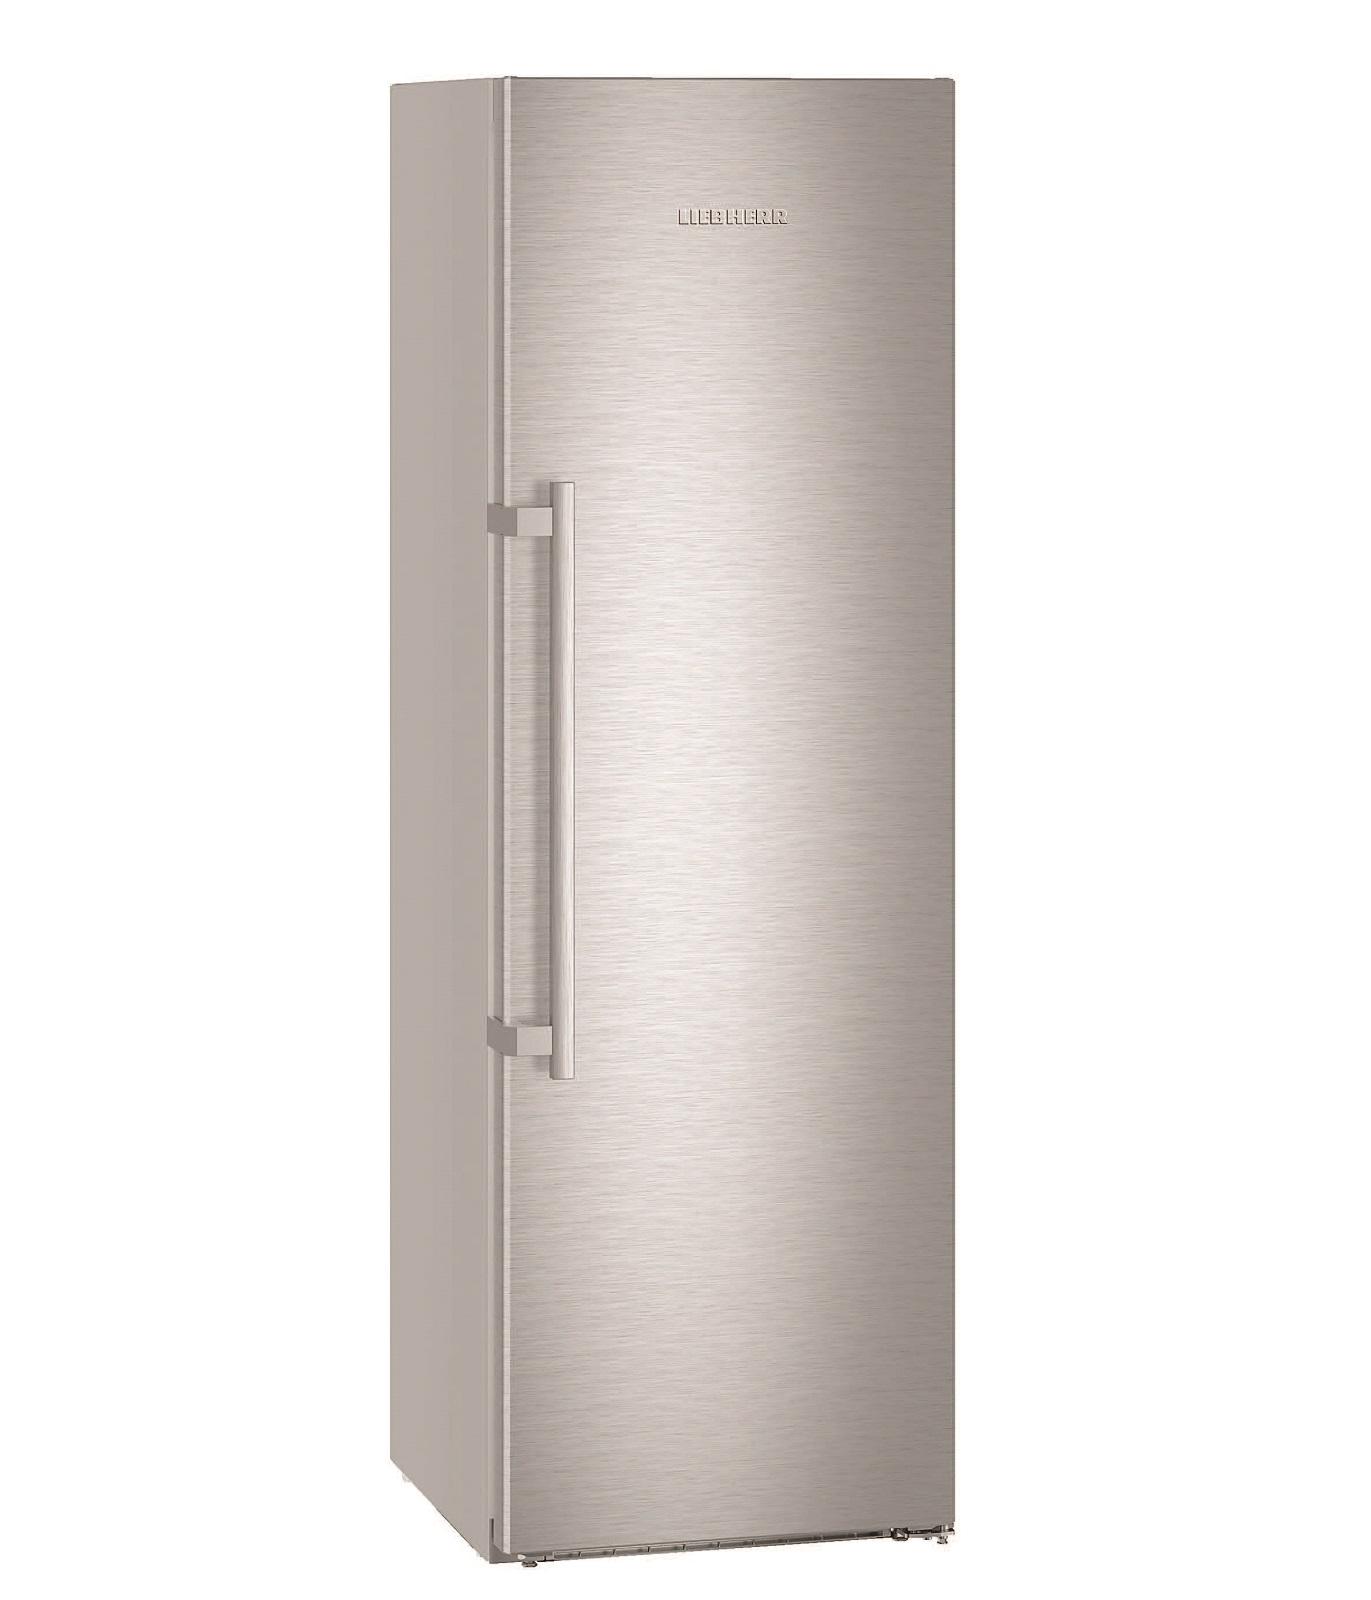 купить Однокамерный холодильник Liebherr Kef 4330 Украина фото 4